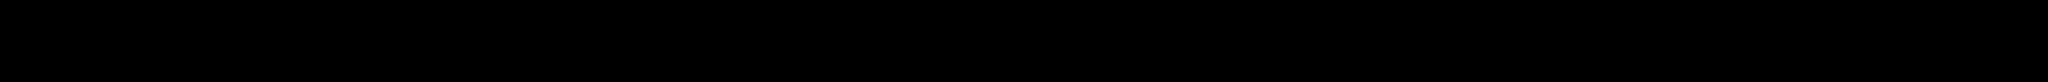 UFI 1109-Q7, 1498028, A700X-6714-SA, 93156363, 0009830624 Φίλτρο λαδιού